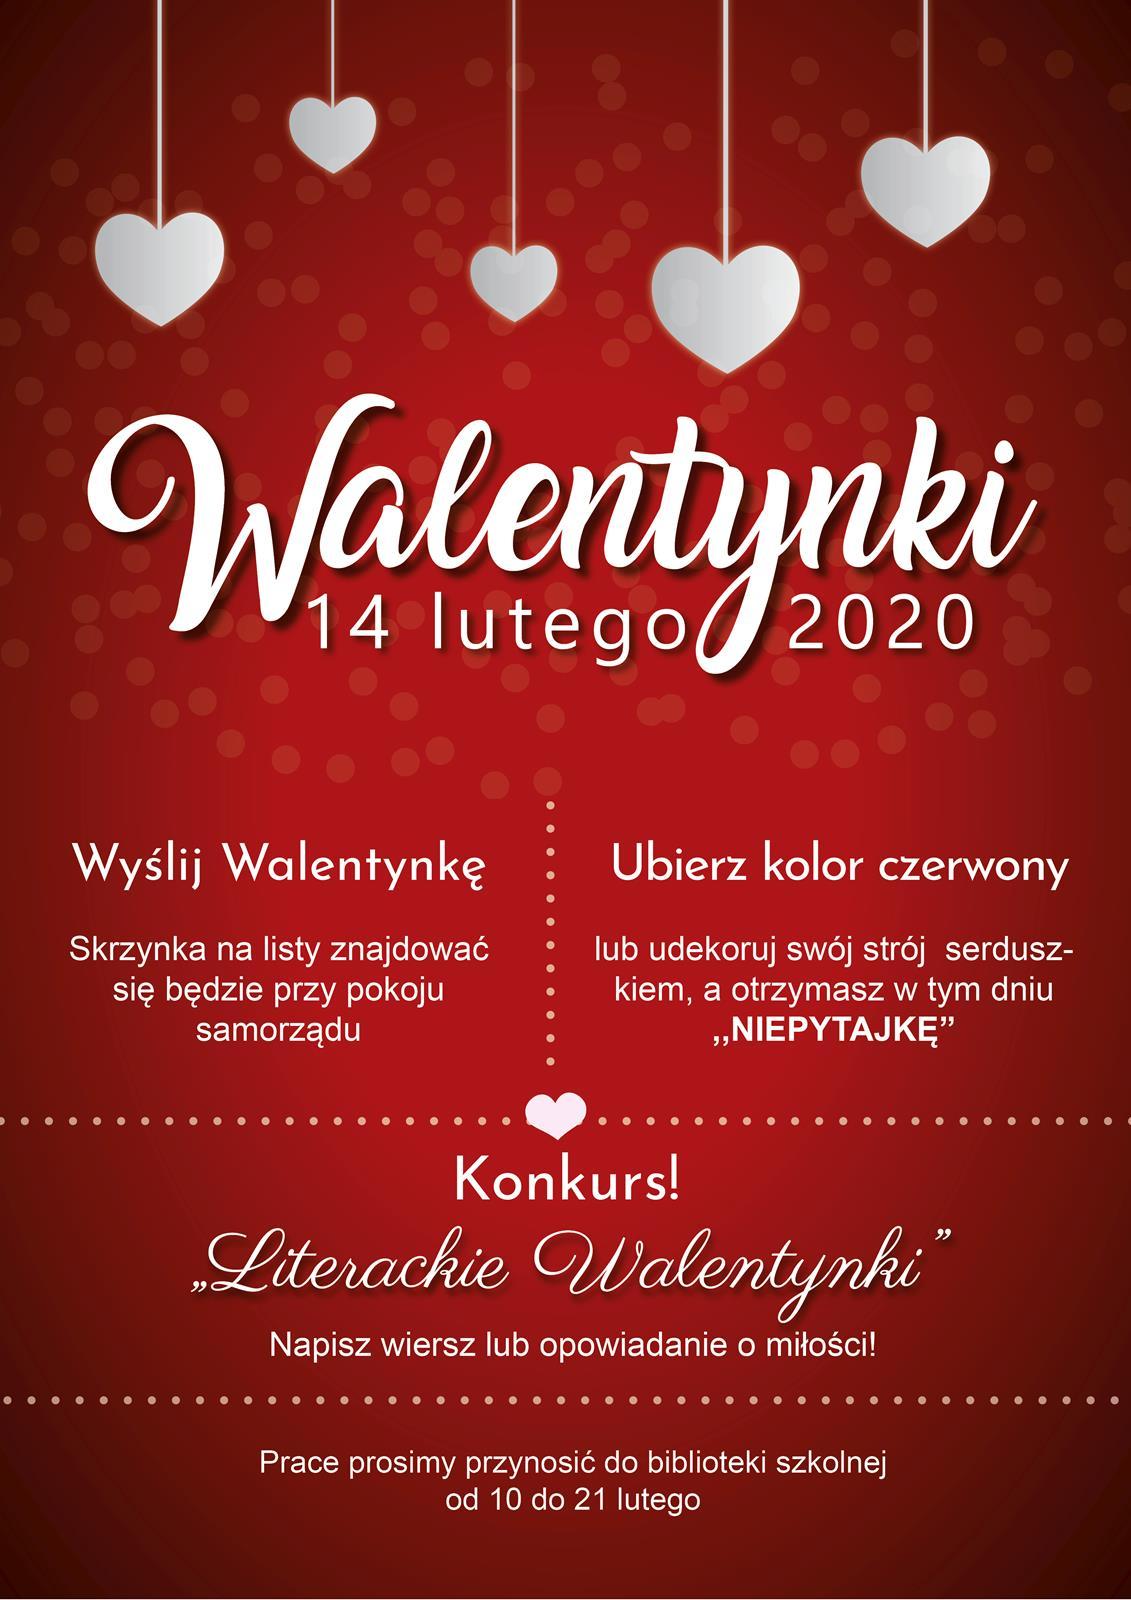 Walentynki2020